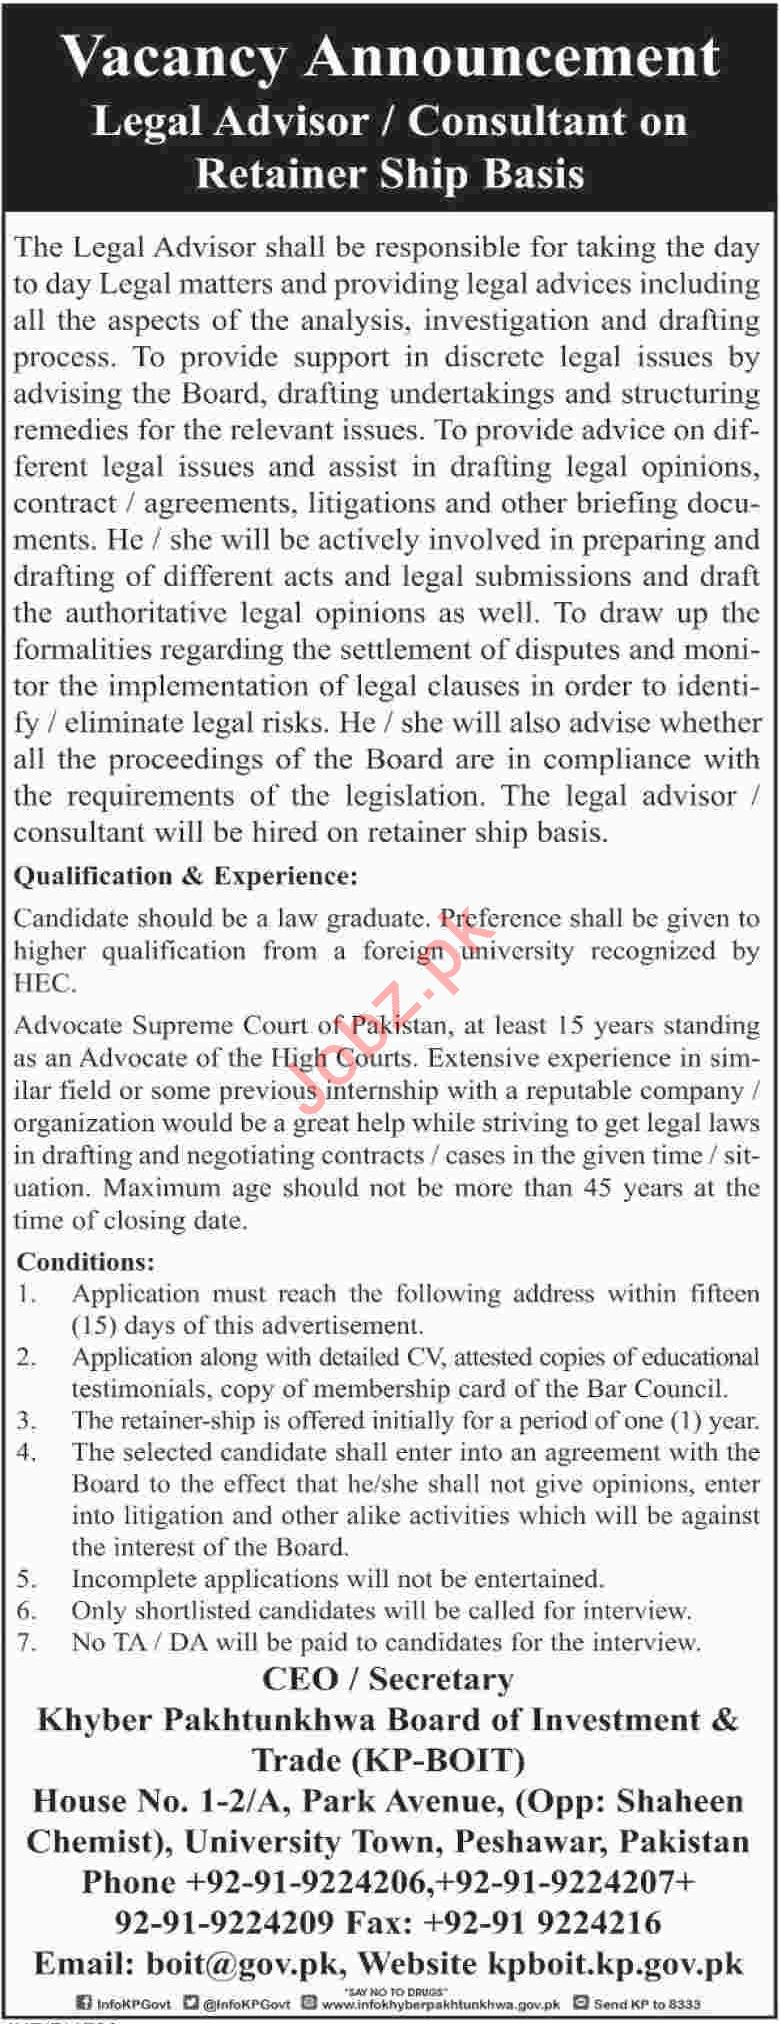 Board of Investment & Trade BOIT KPK Jobs 2018 Legal Advisor